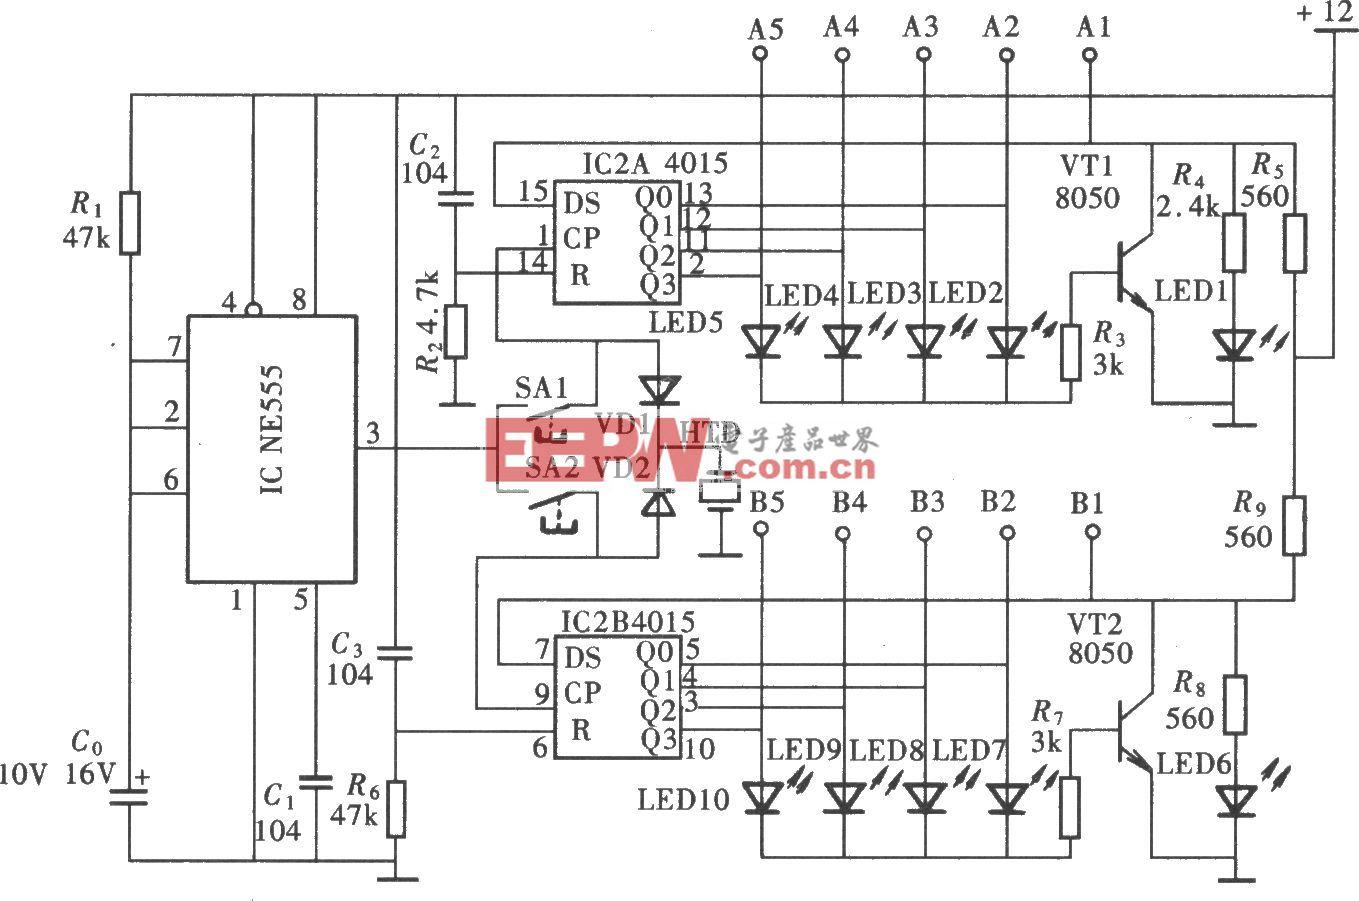 4028组成的楼梯灯控制开关 -开关电路图